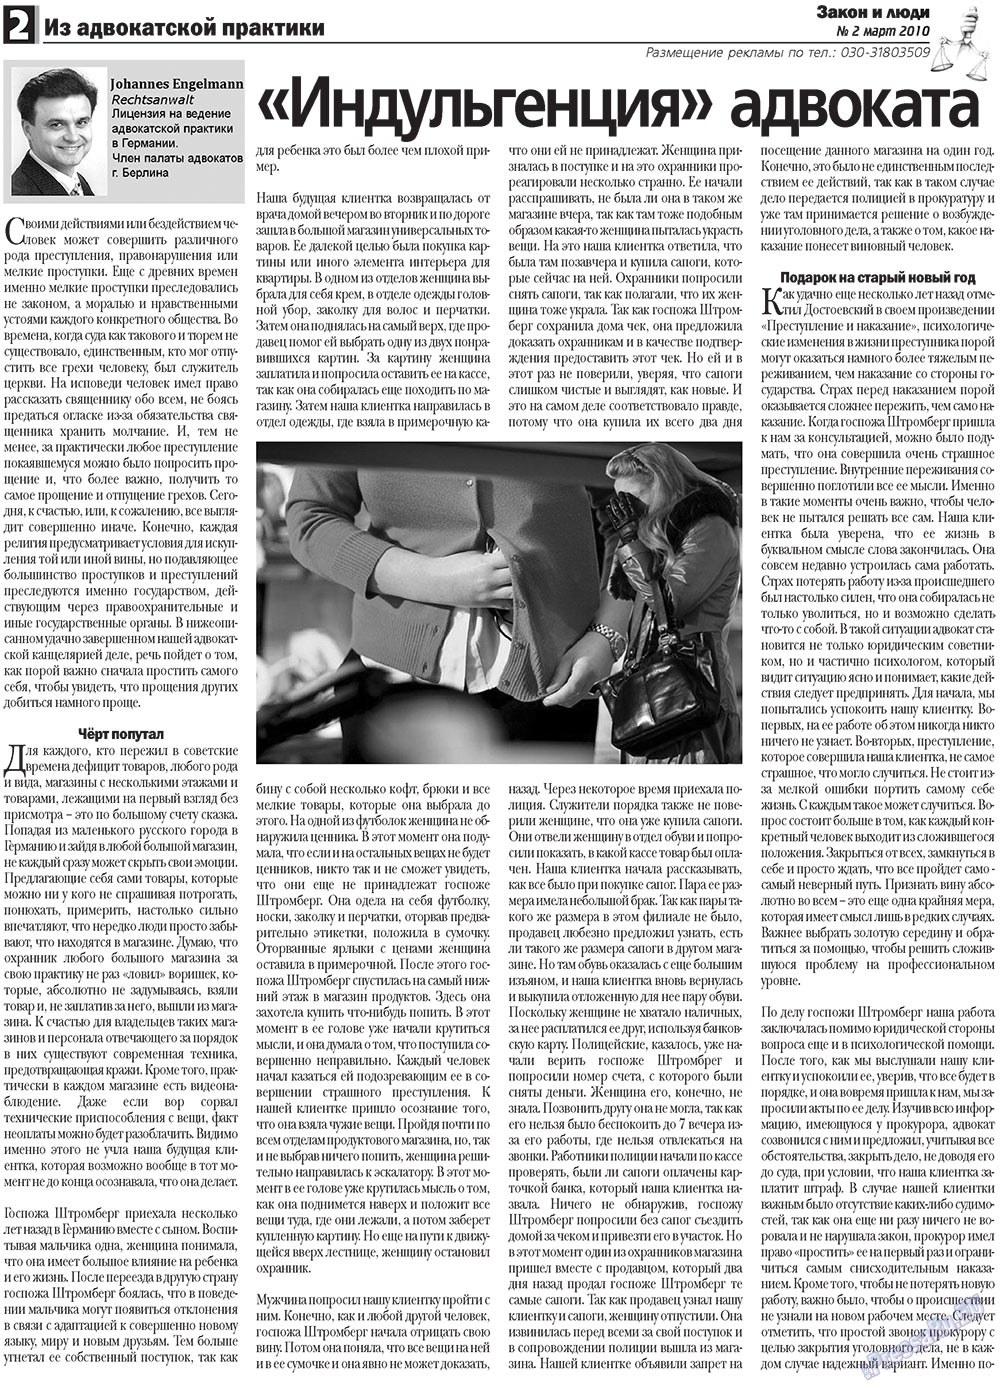 Закон и люди (газета). 2010 год, номер 2, стр. 2